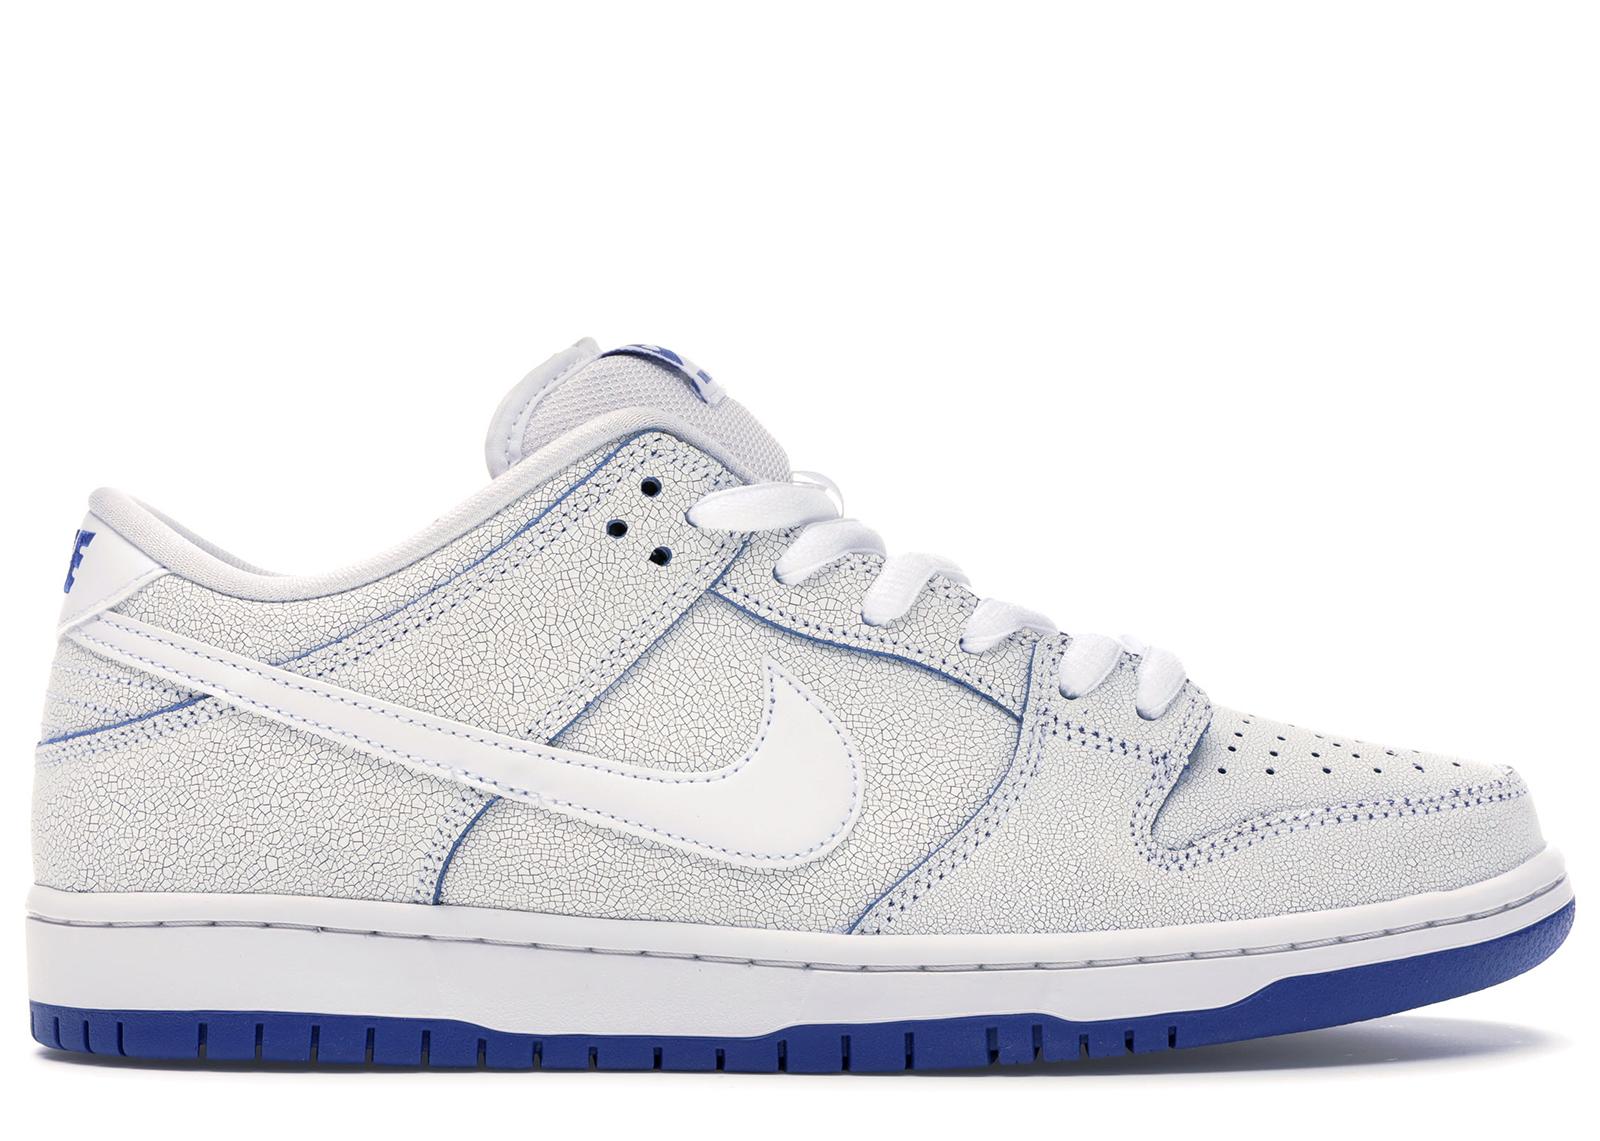 Nike SB Dunk Low Premium White Game